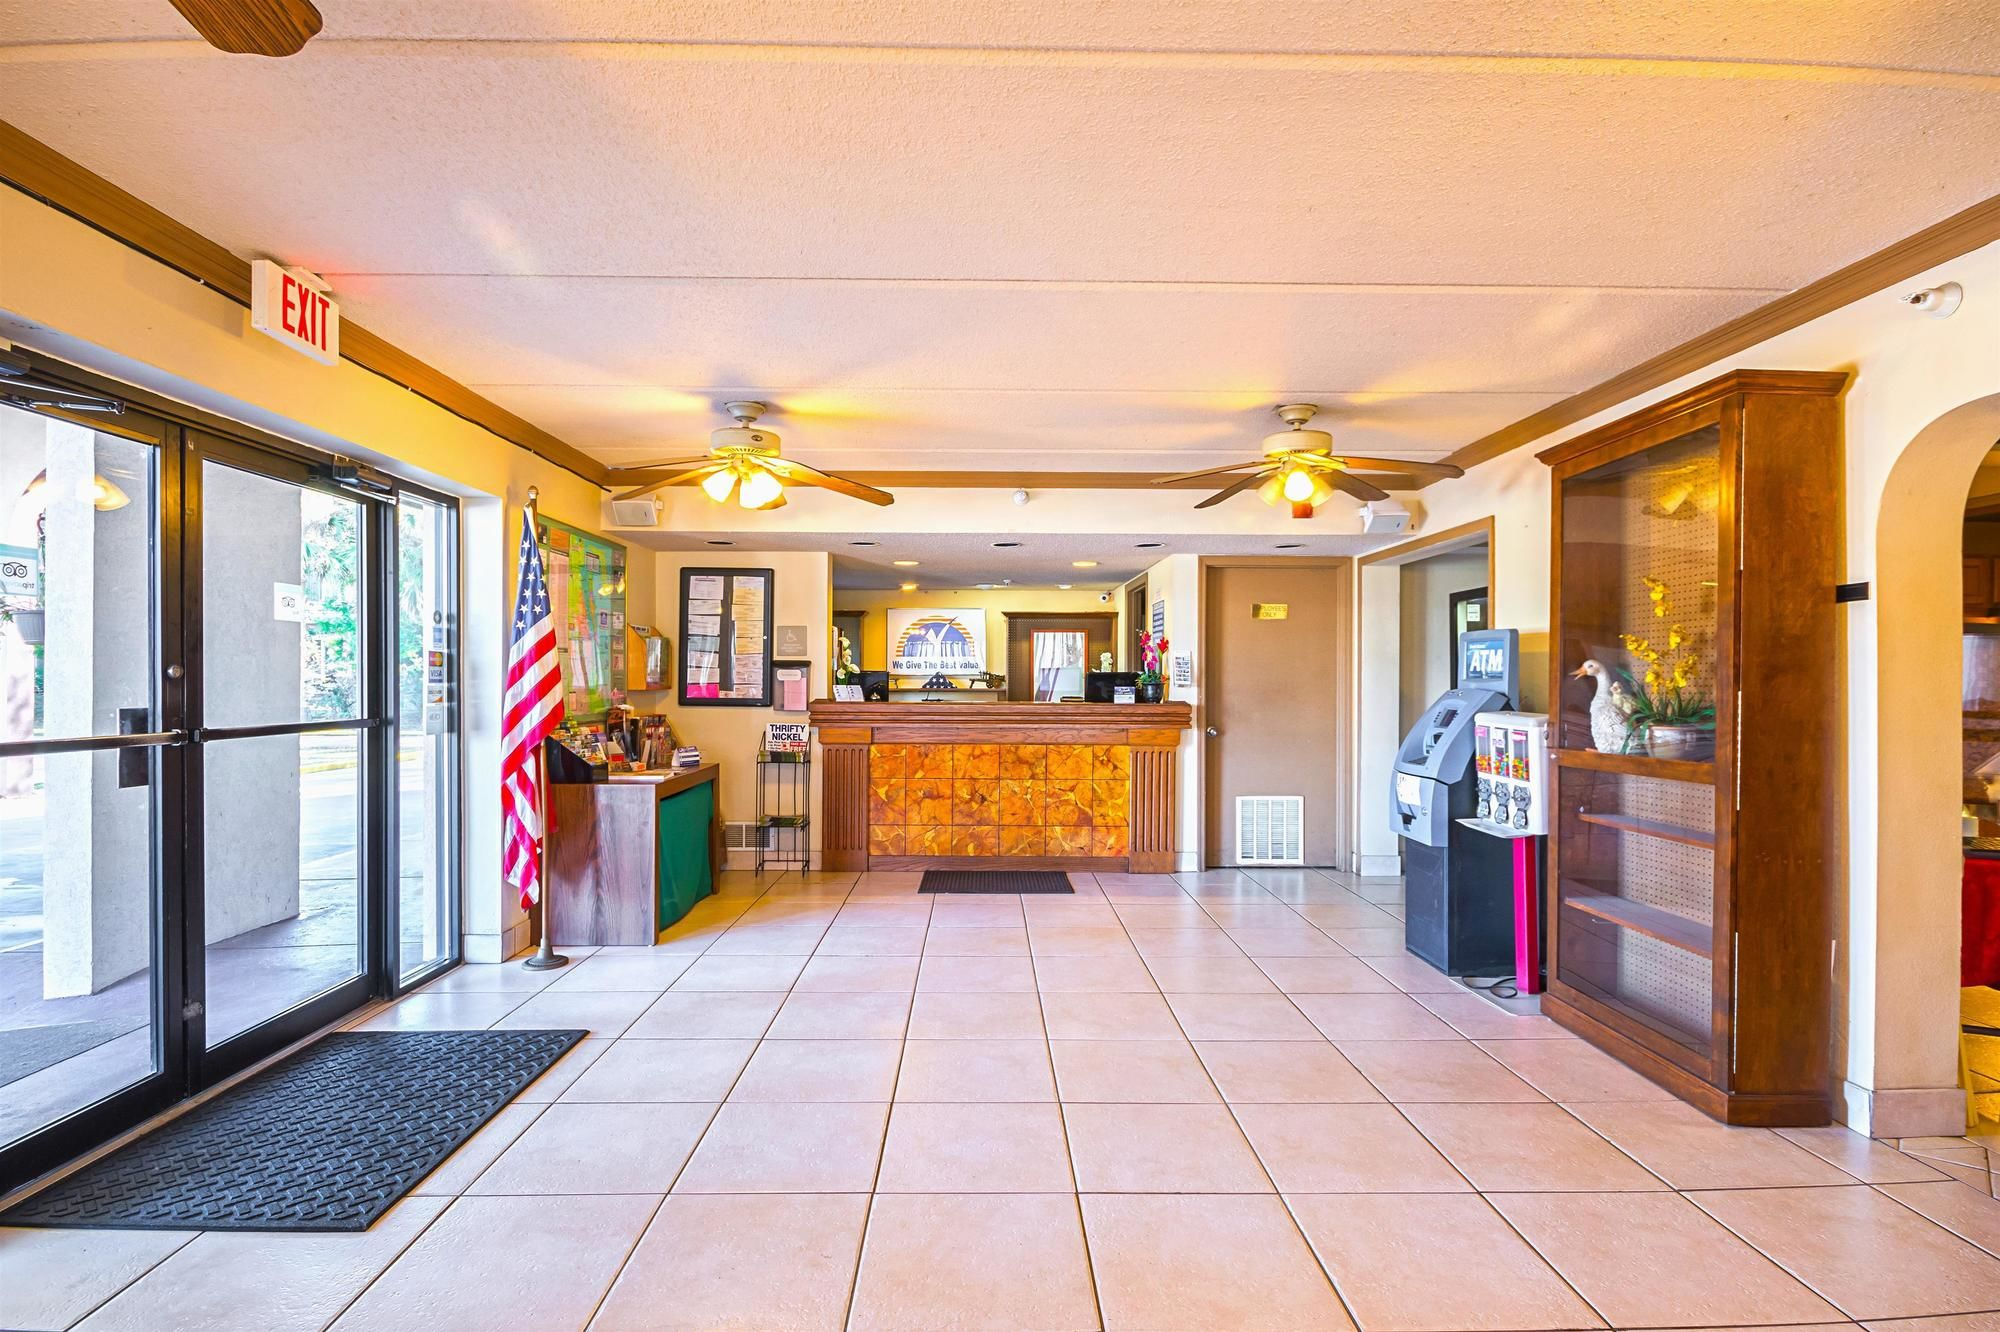 Americas Best Value Inn & Suites Melbourne breakfast